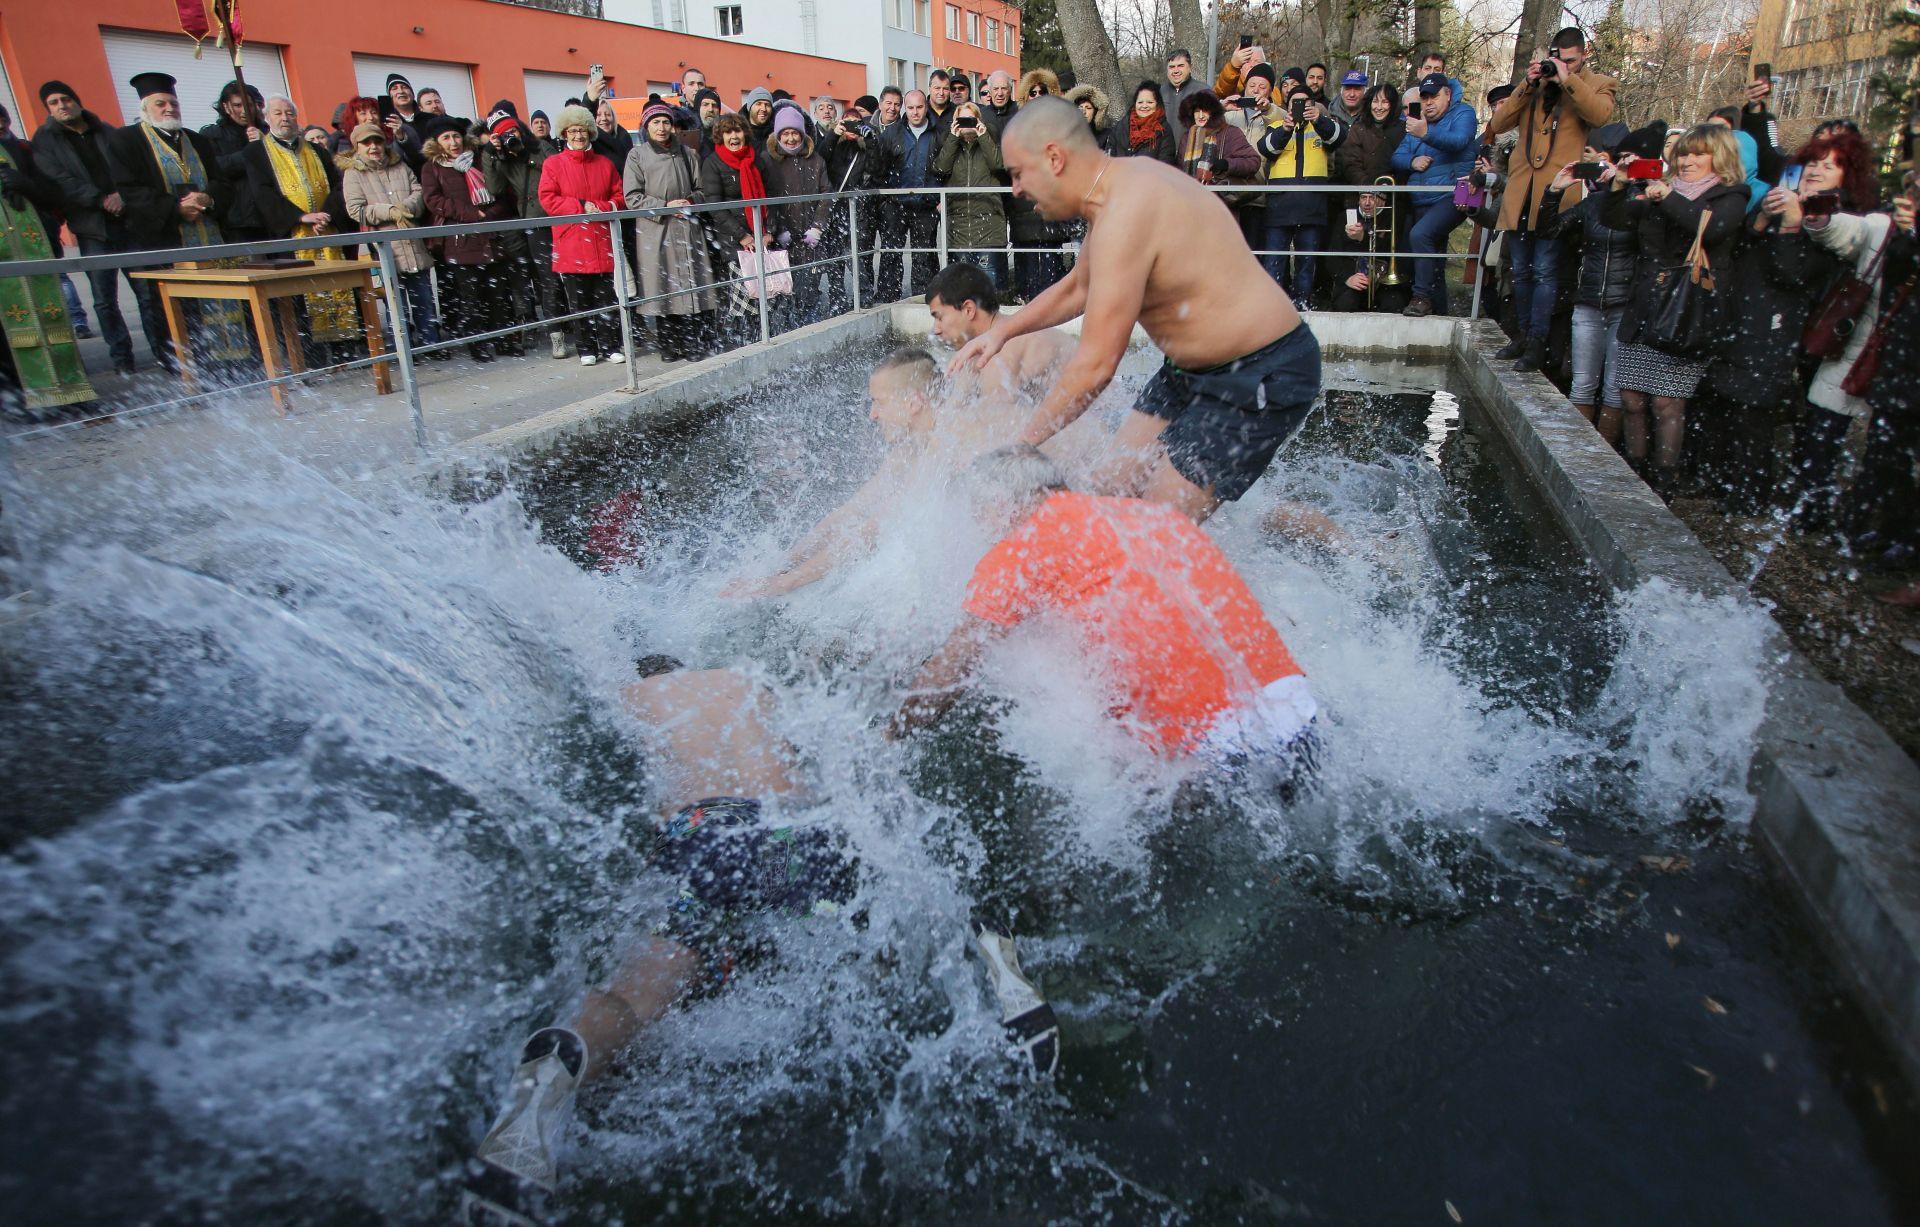 За първи път от много години на Богоявление кръстът в Перник се вади от водата. Досега Светият кръст се разиграваше на търг, като негов кум ставаше далият най-много пари за откупуването му